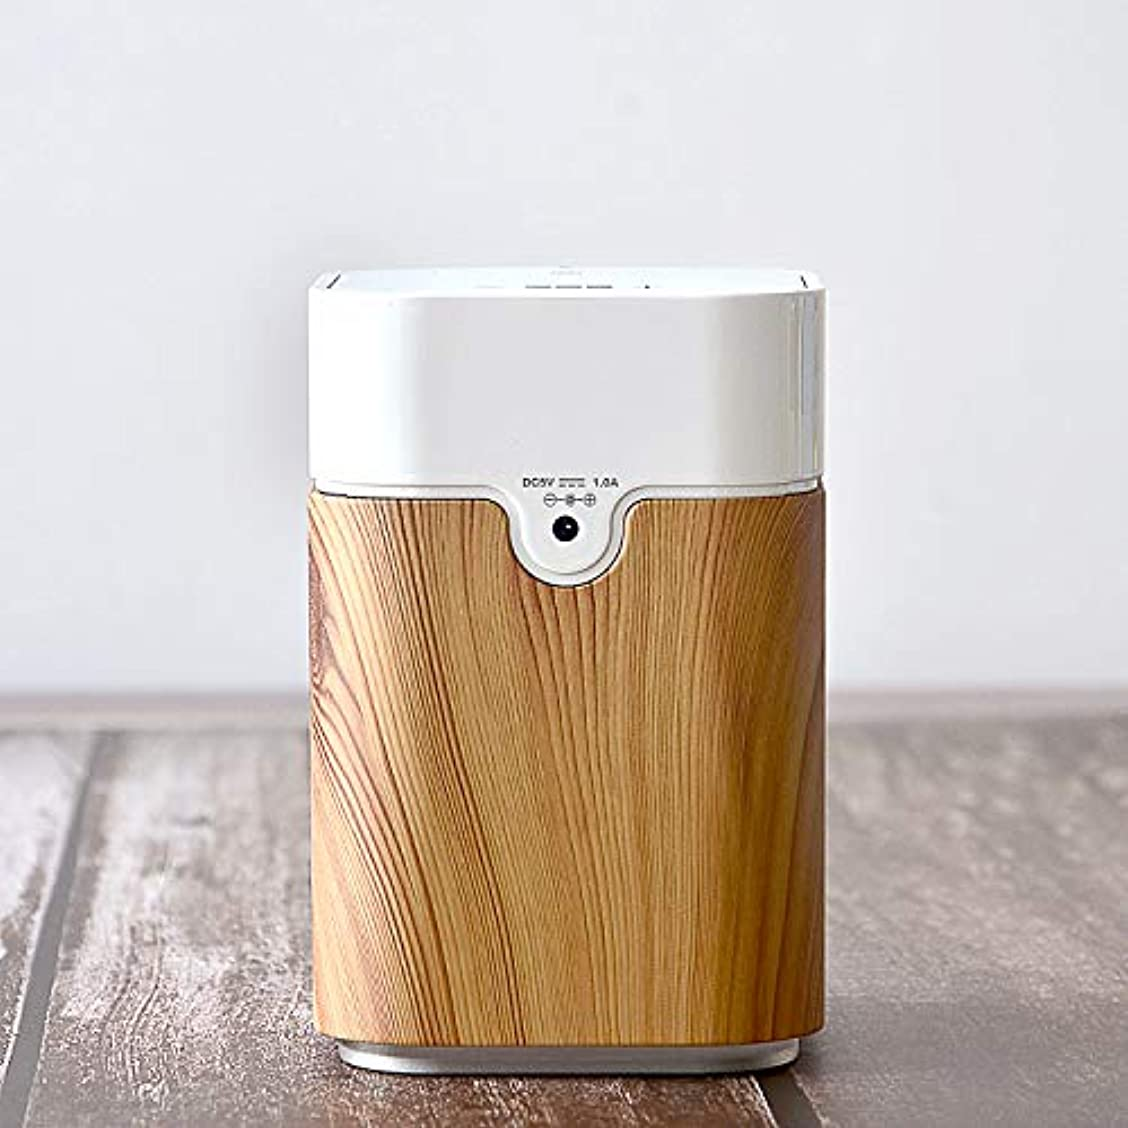 覚醒フェンス外交エッセンシャルオイル拡散器USB充電機アロマディフューザー ヨガ室 整体院人気 タイマー機能 ネブライザー式 量調整可能 付き